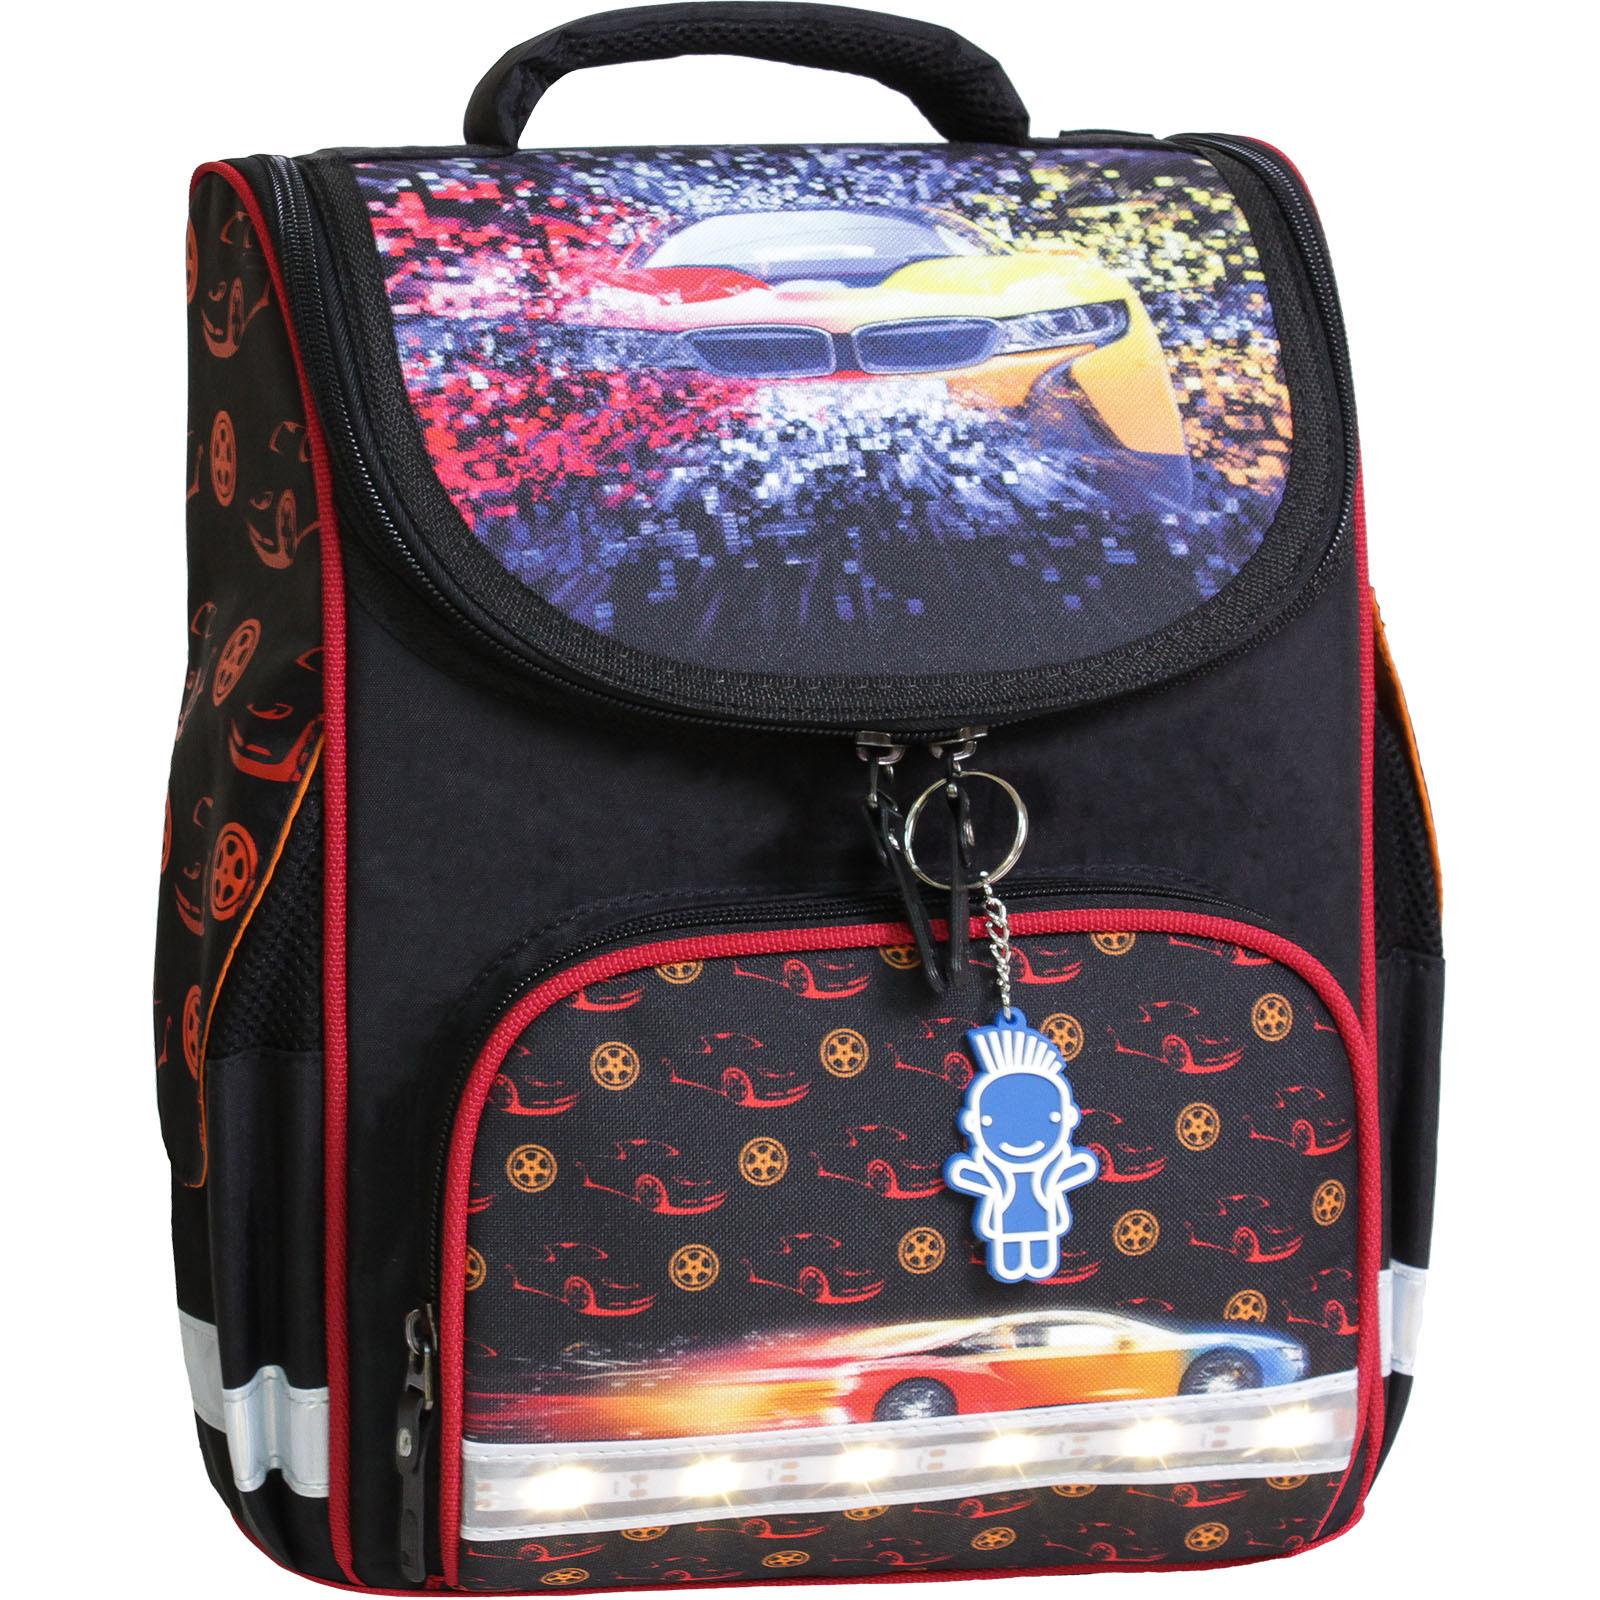 Школьные рюкзаки Рюкзак школьный каркасный с фонариками Bagland Успех 12 л. черный 417 (00551703) IMG_7987-1600.jpg